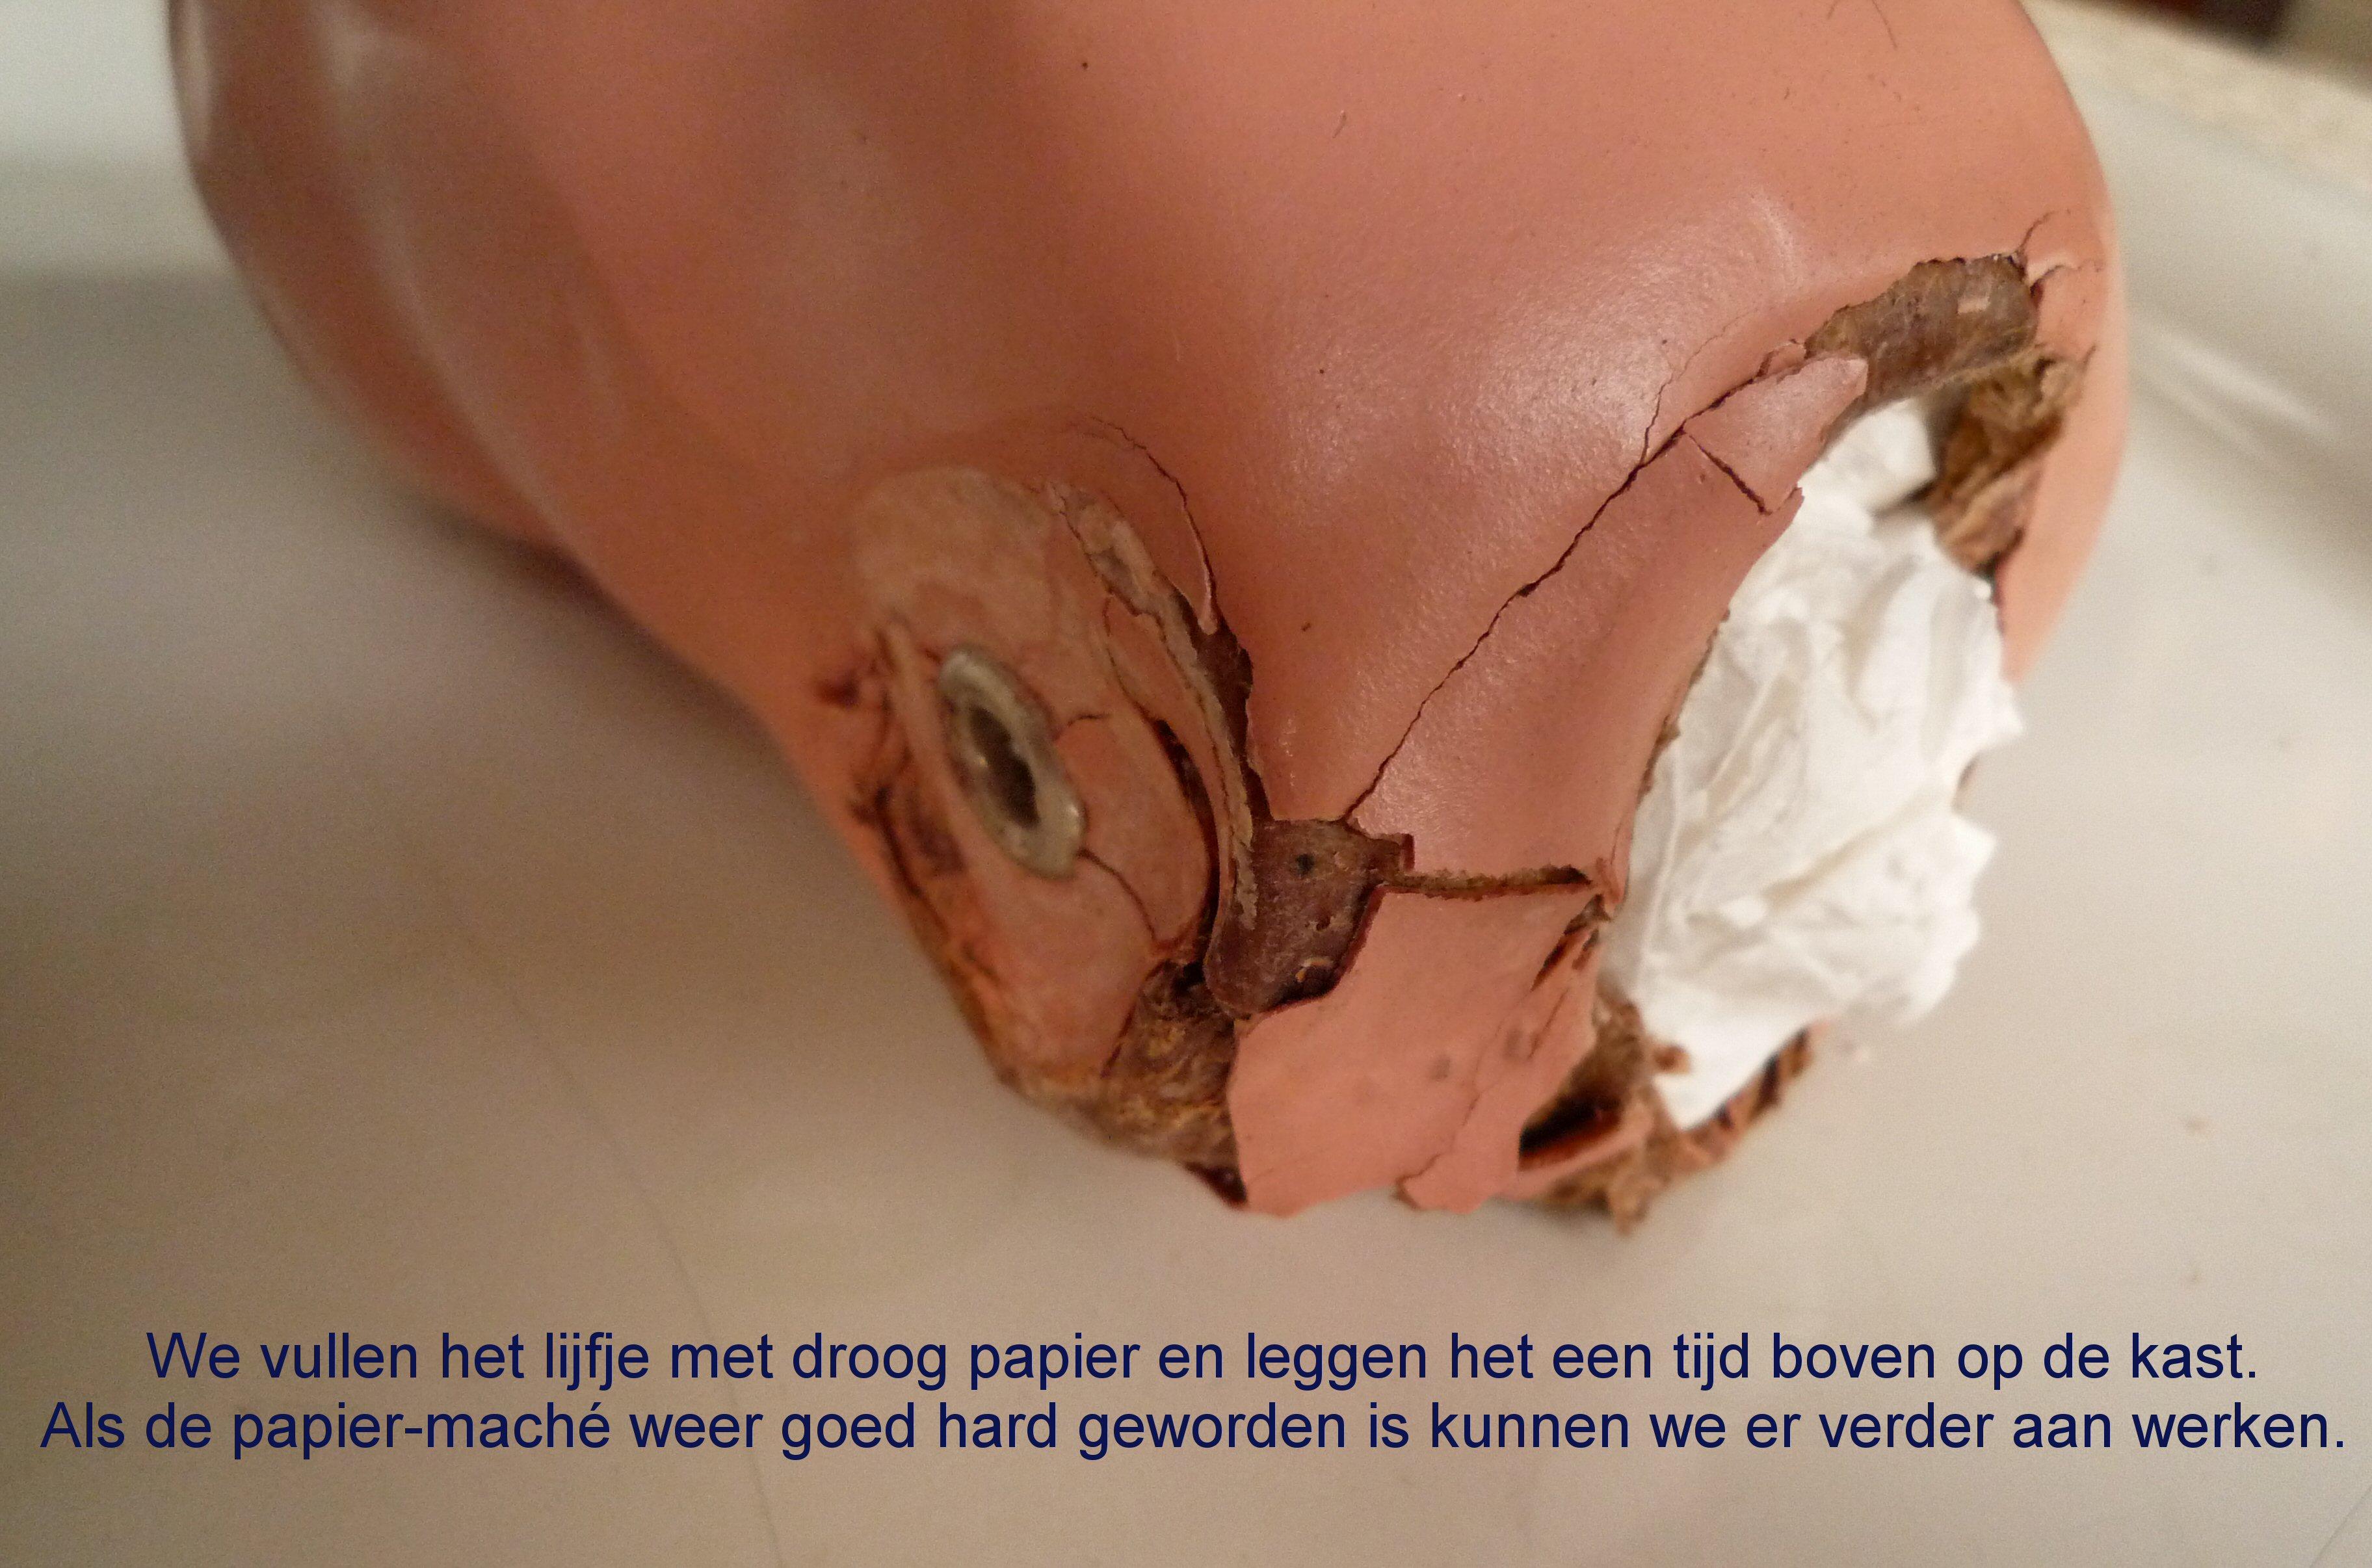 https://welkepopisdat.nl/afbeeldingen-Forum/DurvinaFotos/Bregje%20(10).JPG